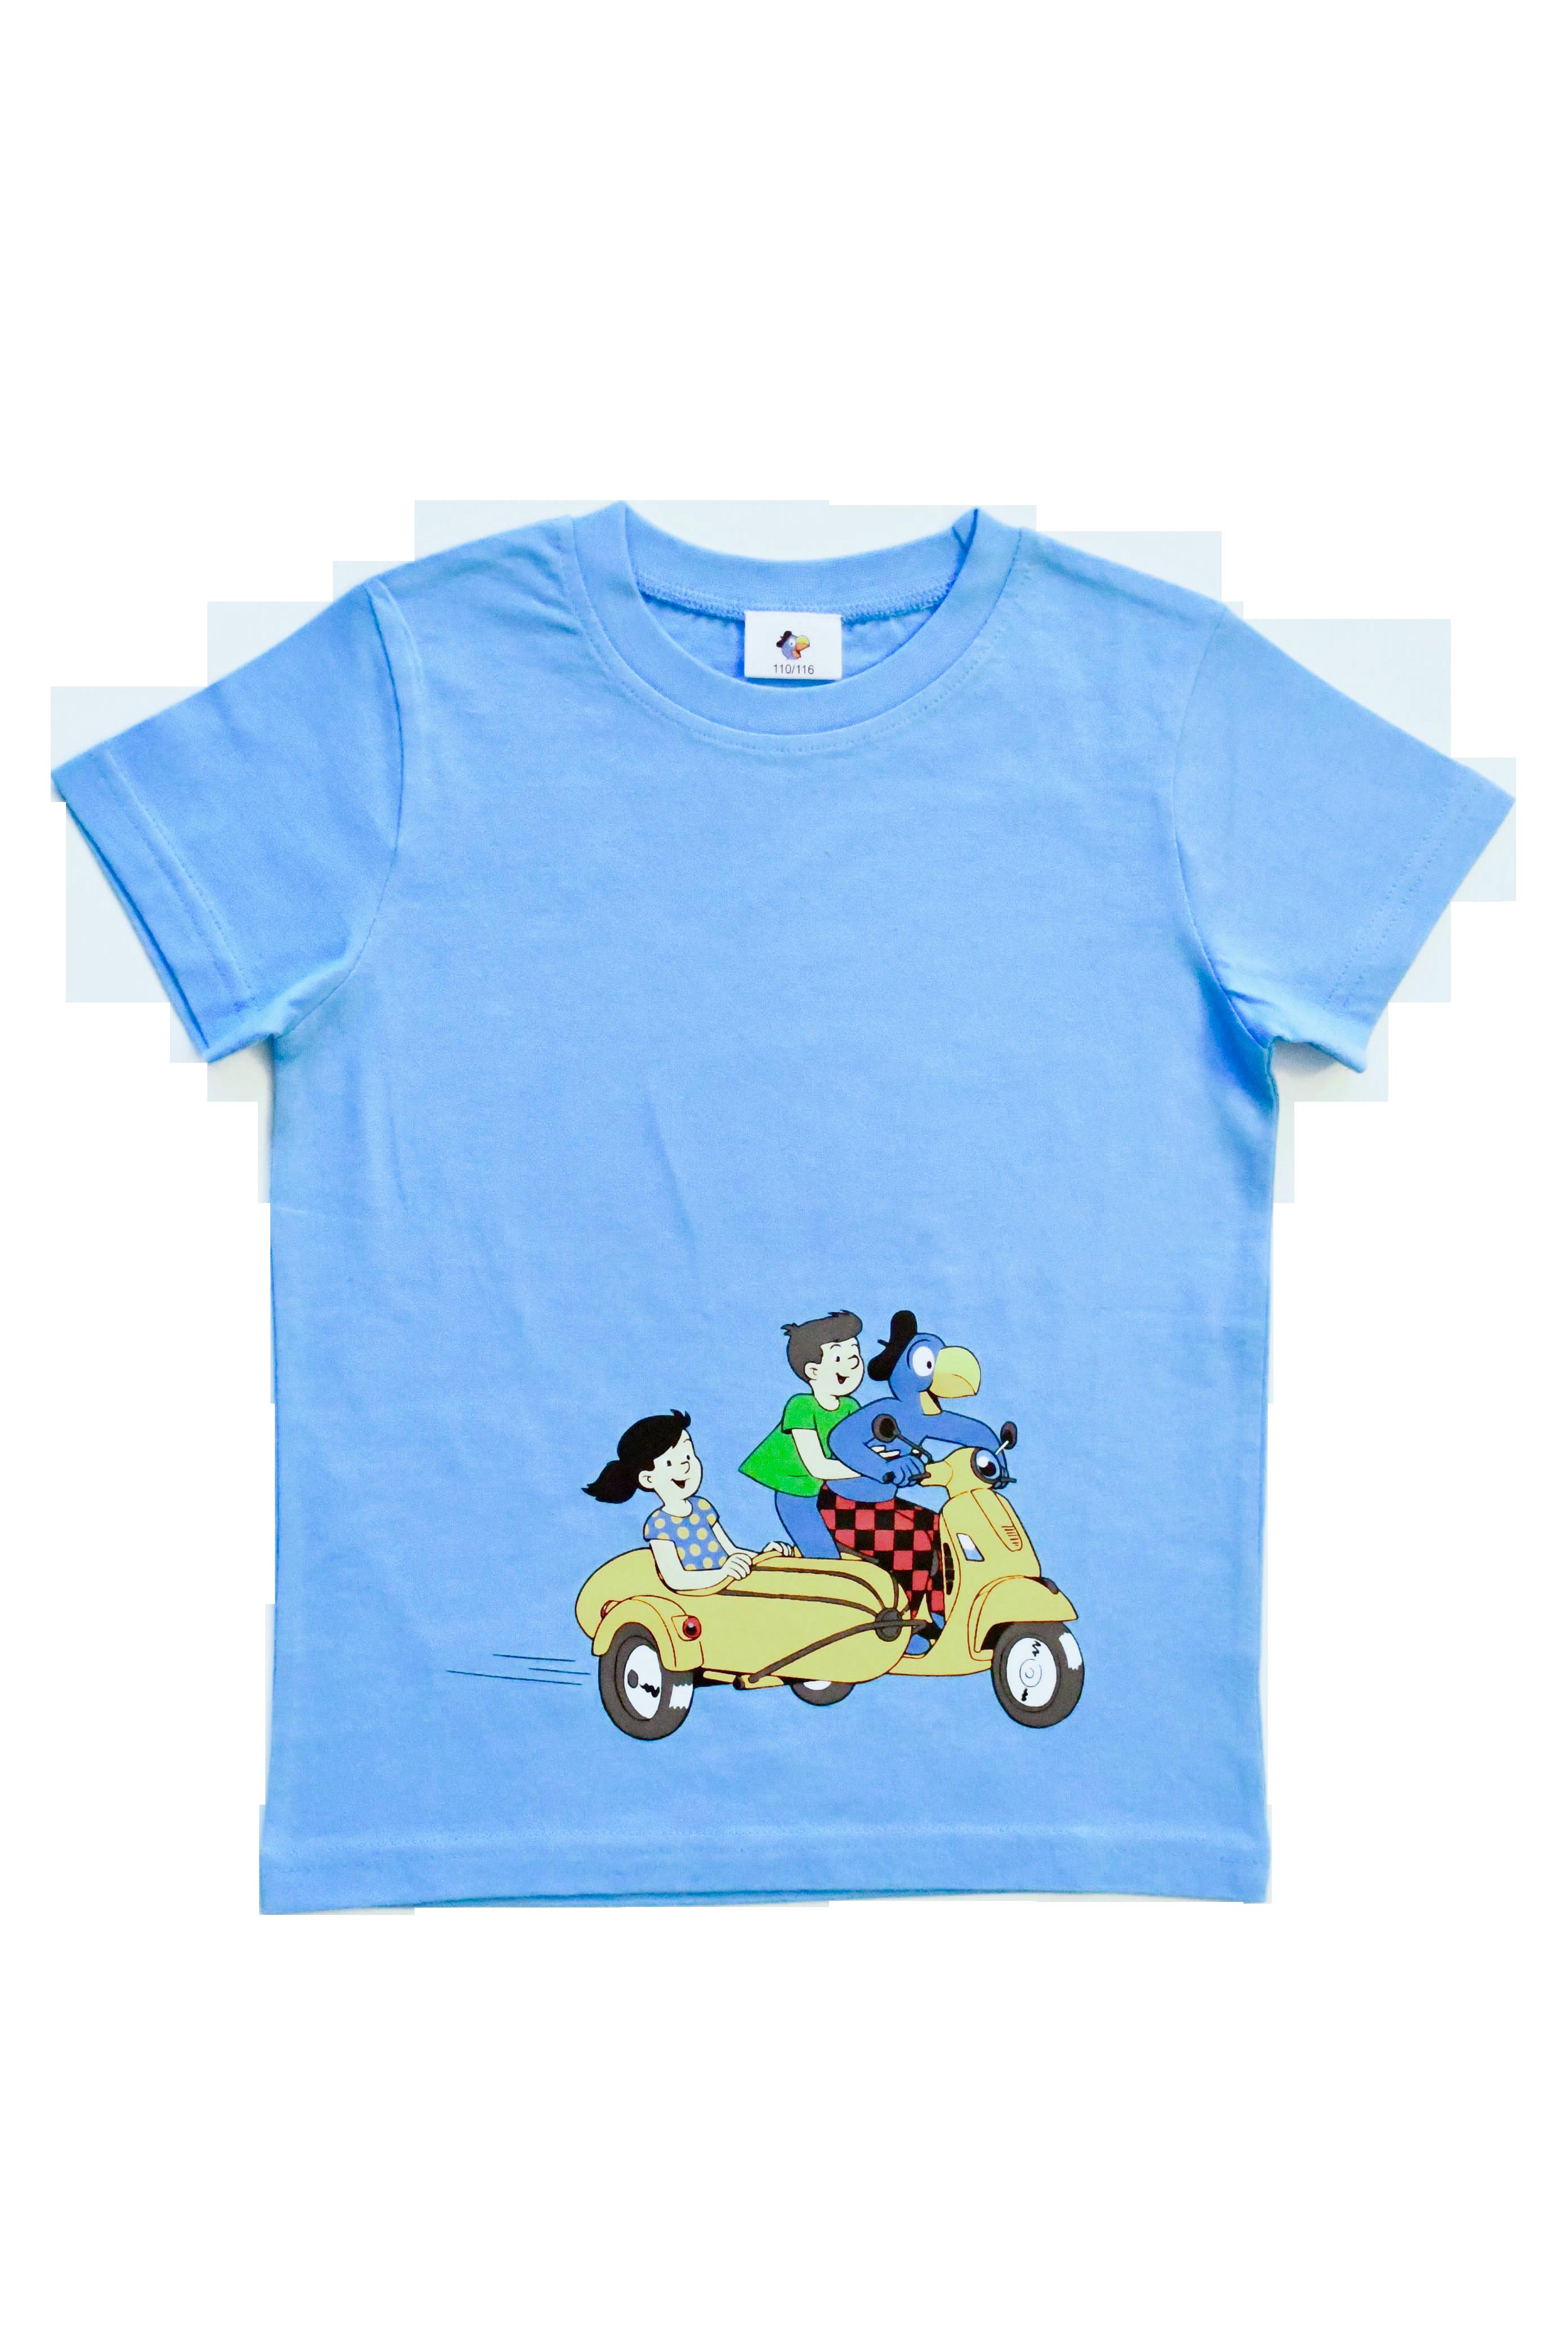 Globi T-Shirt blau Vespa 134/140